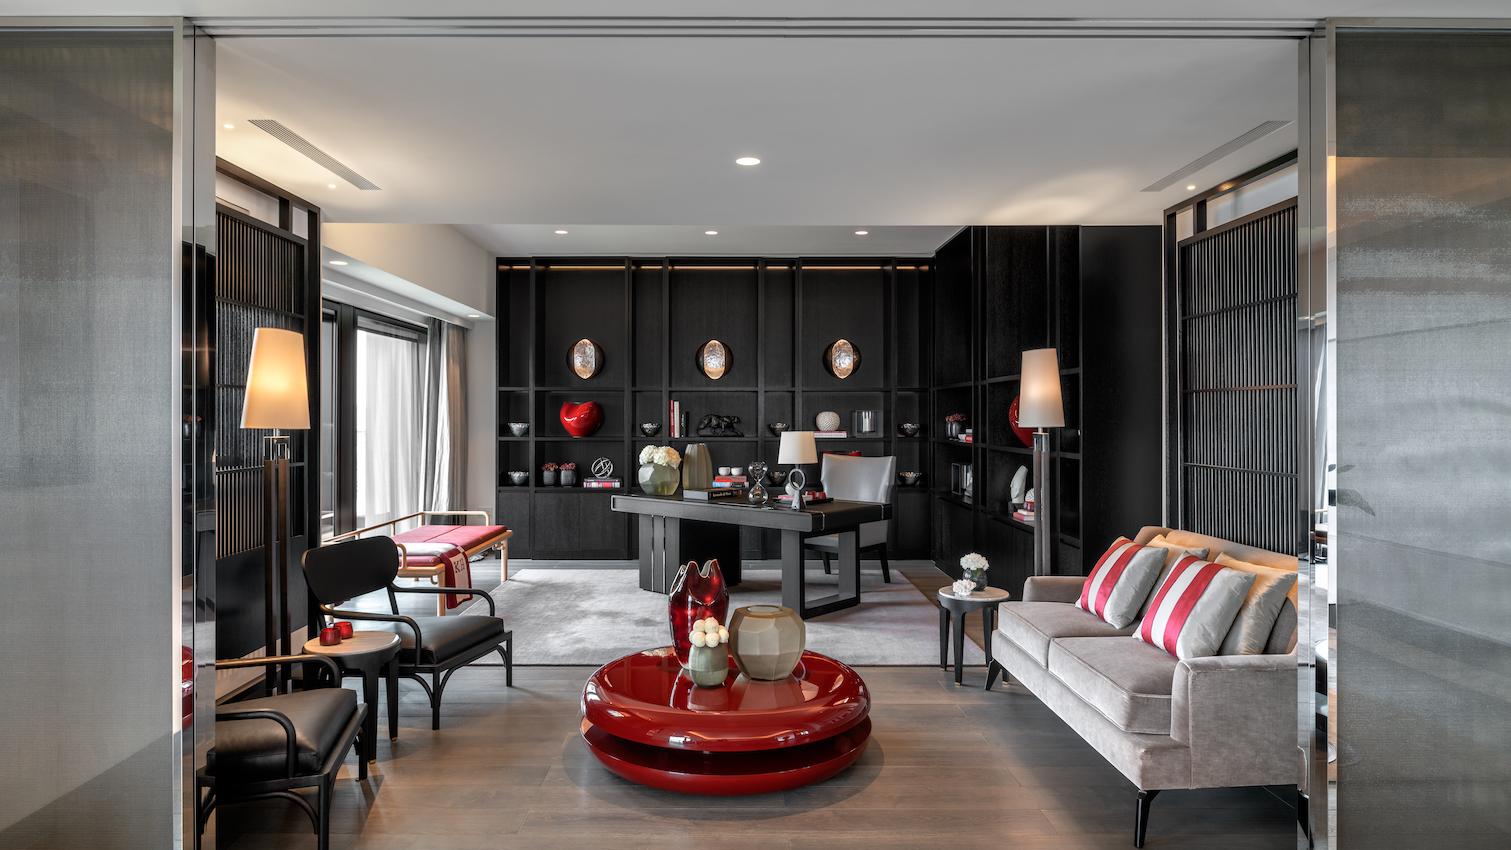 1571999937 205 serene livable luxury is the focus of taipei residential towers - Serene, Livable Luxury is the Focus of Taipei Residential Towers